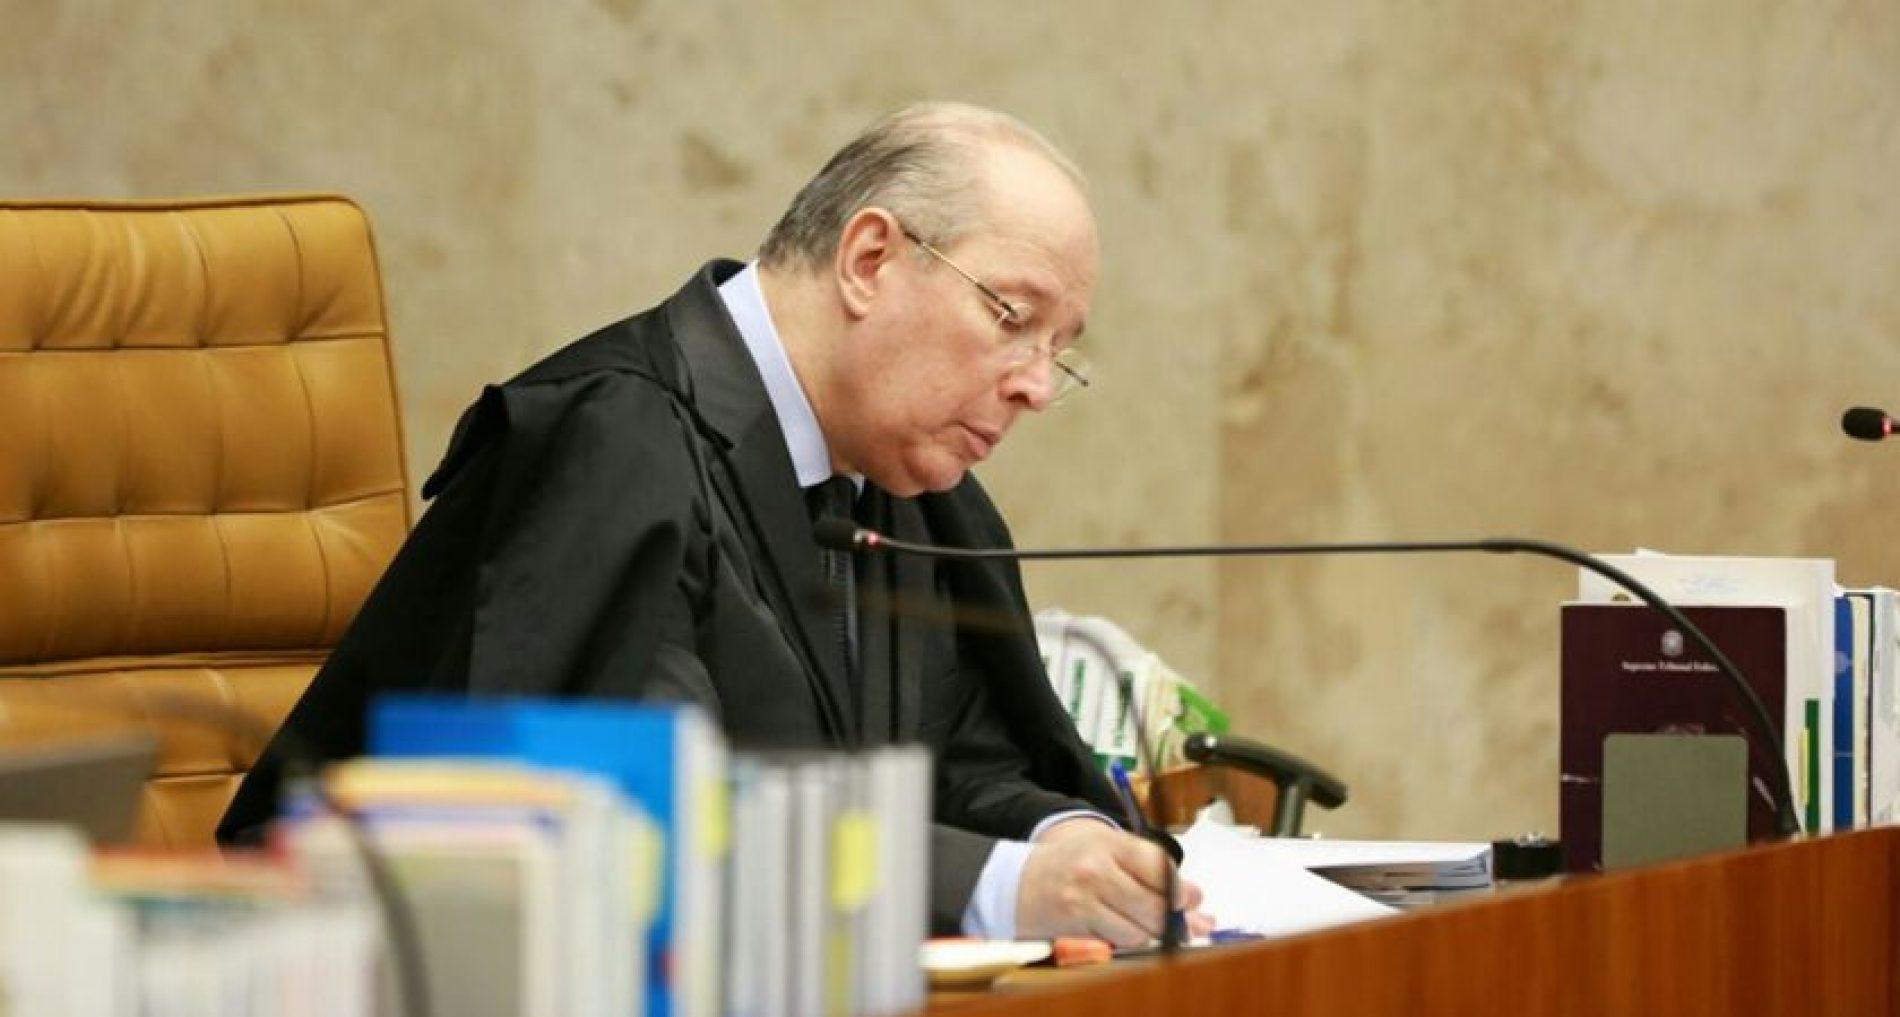 Celso: 'O Brasil não pode ficar refém dos caminhoneiros'